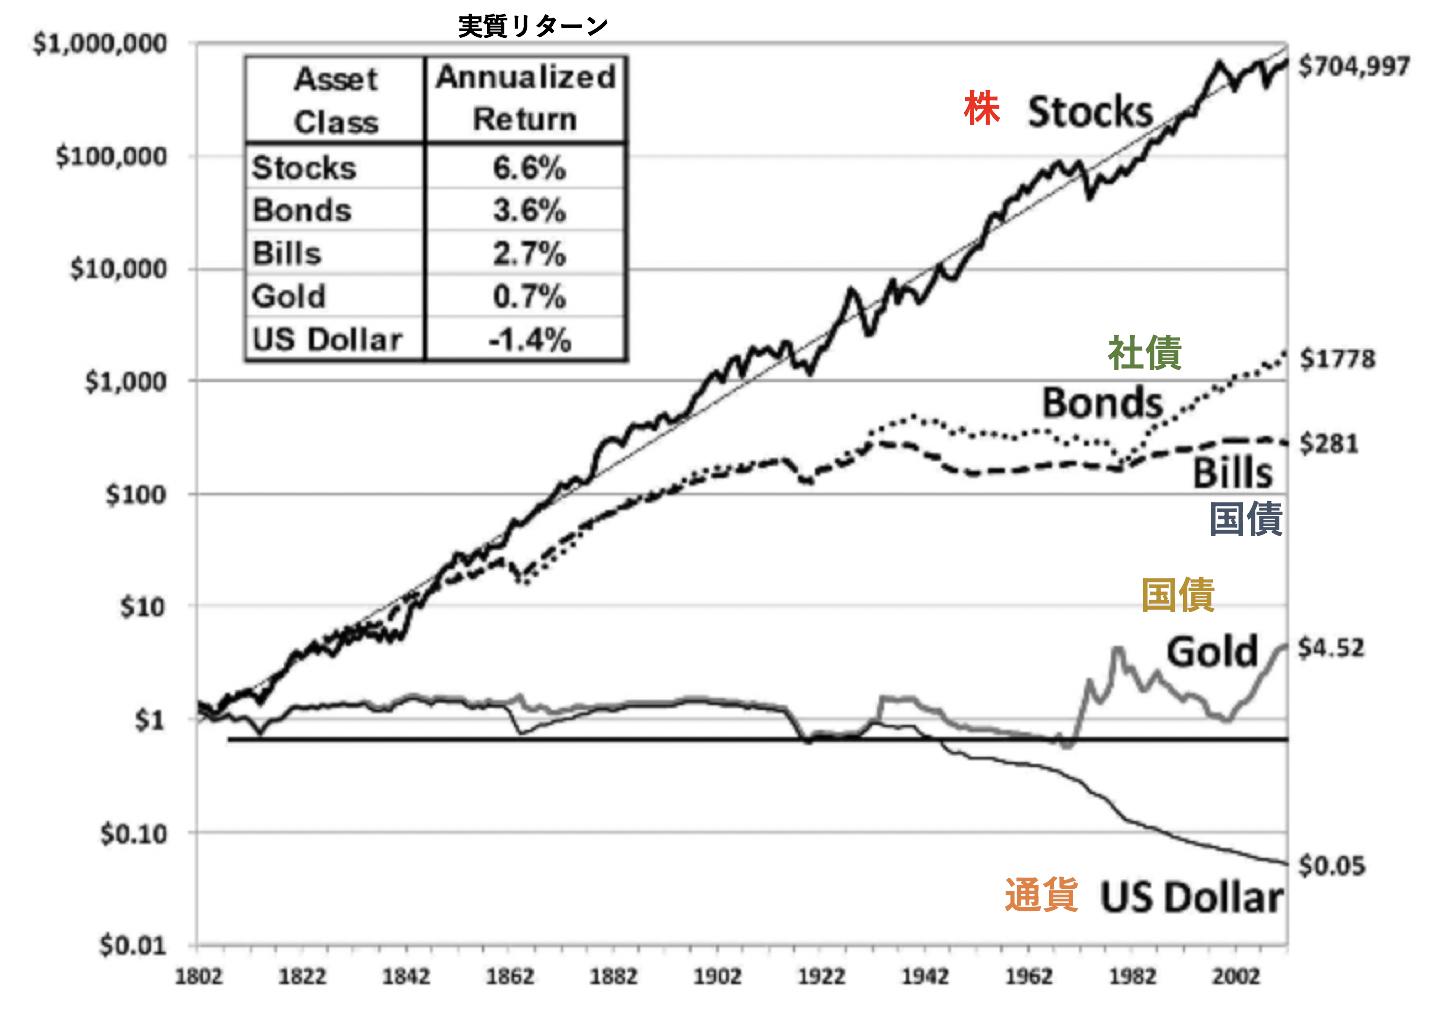 他の金融資産と比較した株式の圧倒的に高いリターン